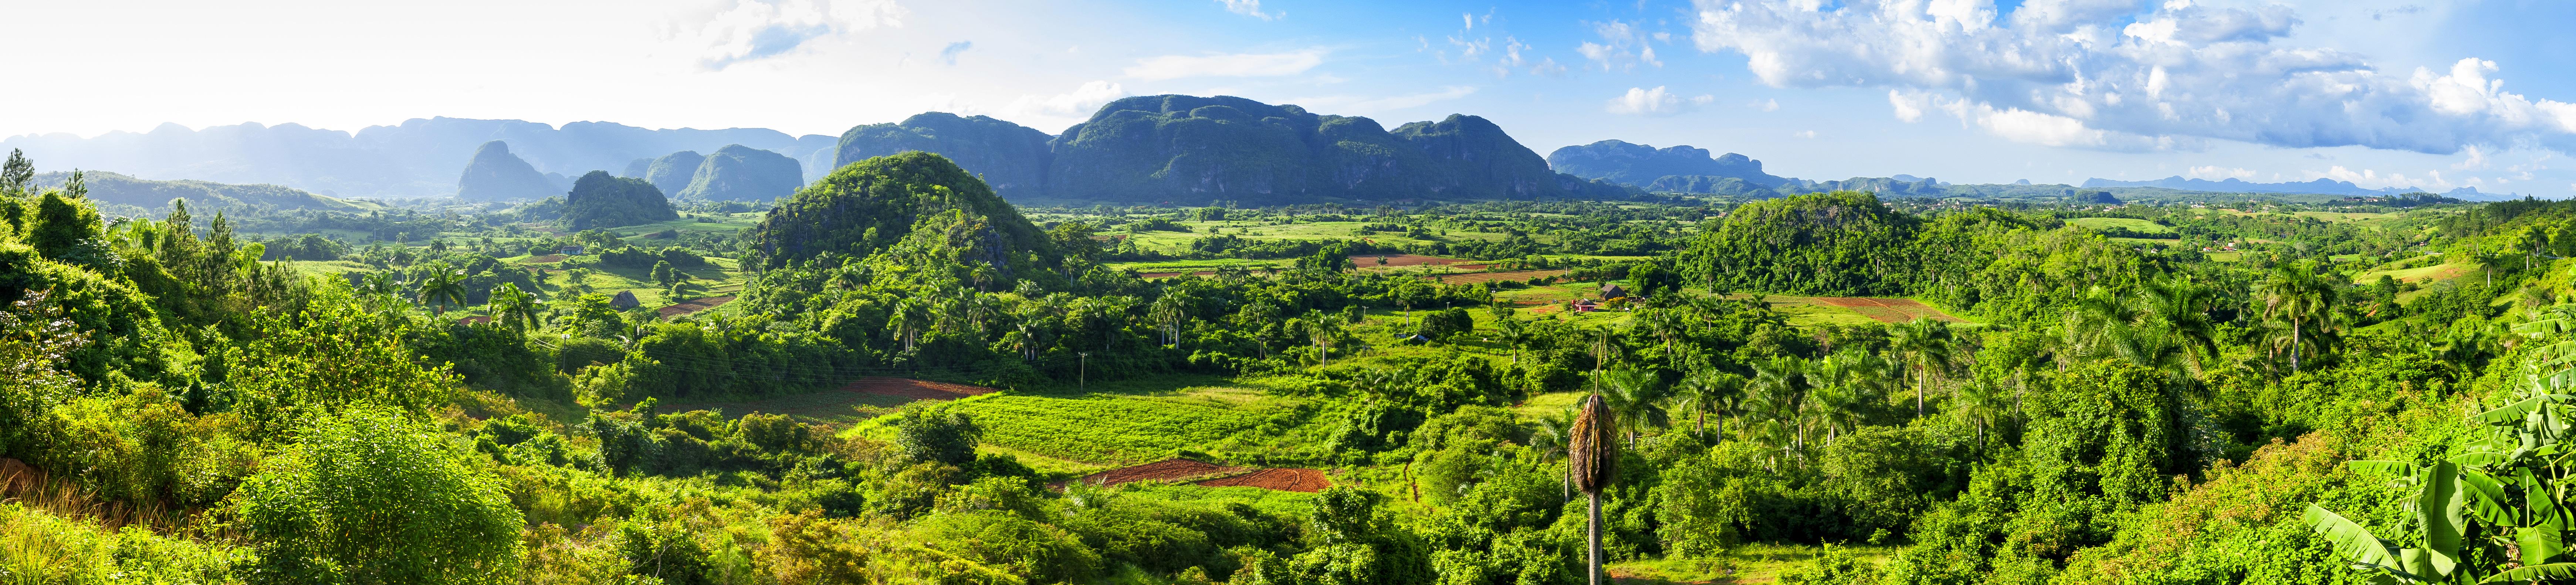 Top 10 du tourisme à Cuba